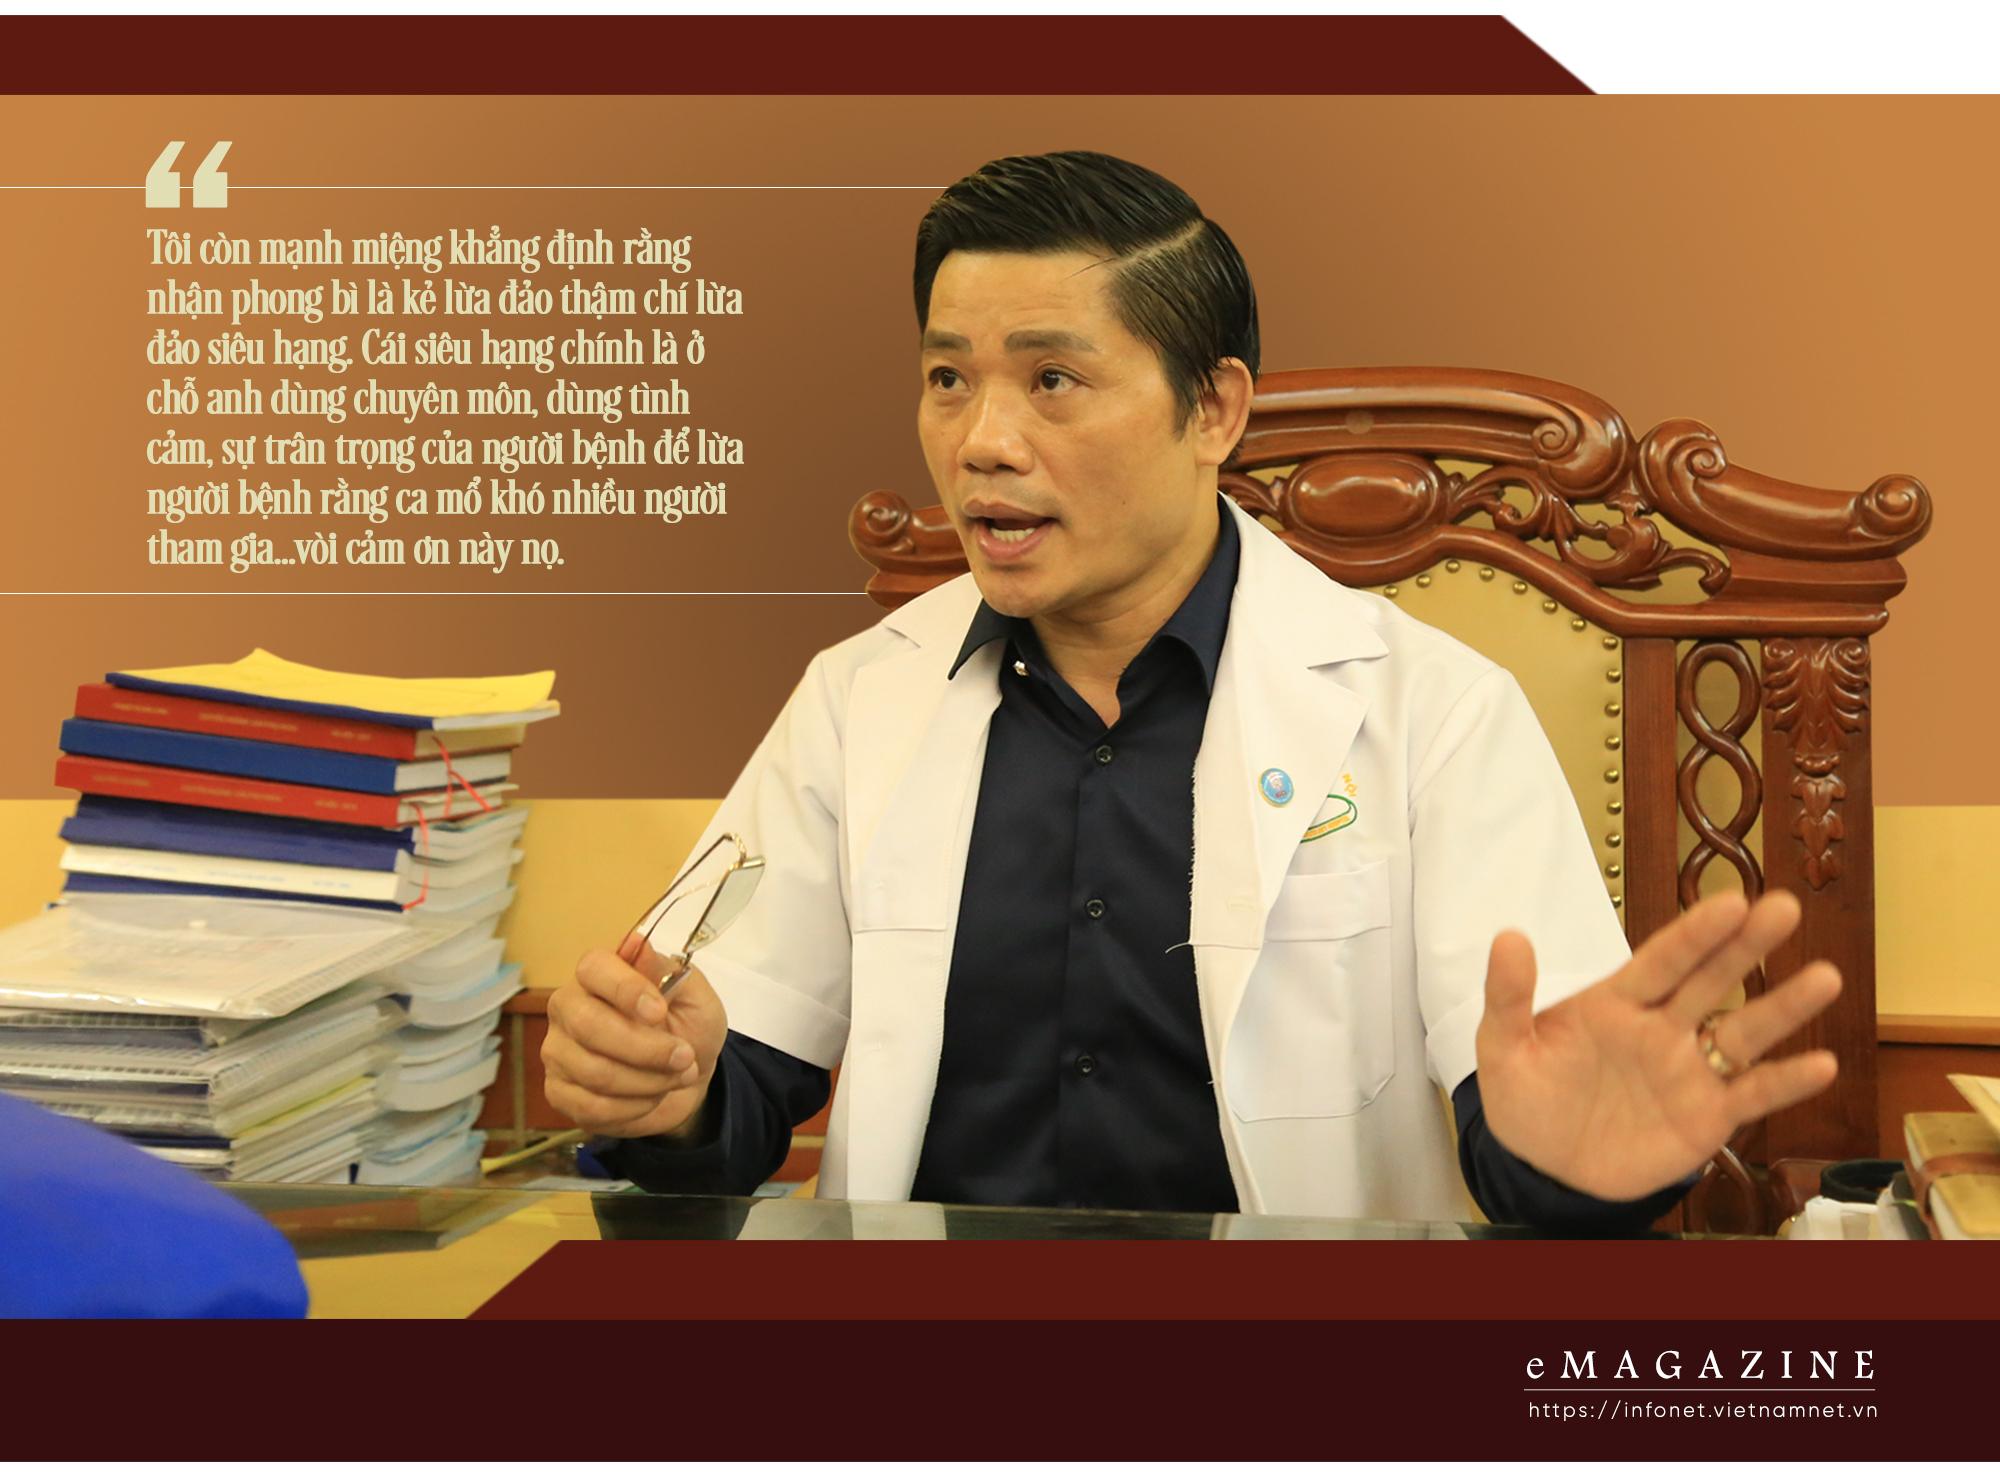 Giám đốc BV Phụ sản Hà Nội: Phải xóa sổ nạn phong bì để cứu hình ảnh bệnh viện